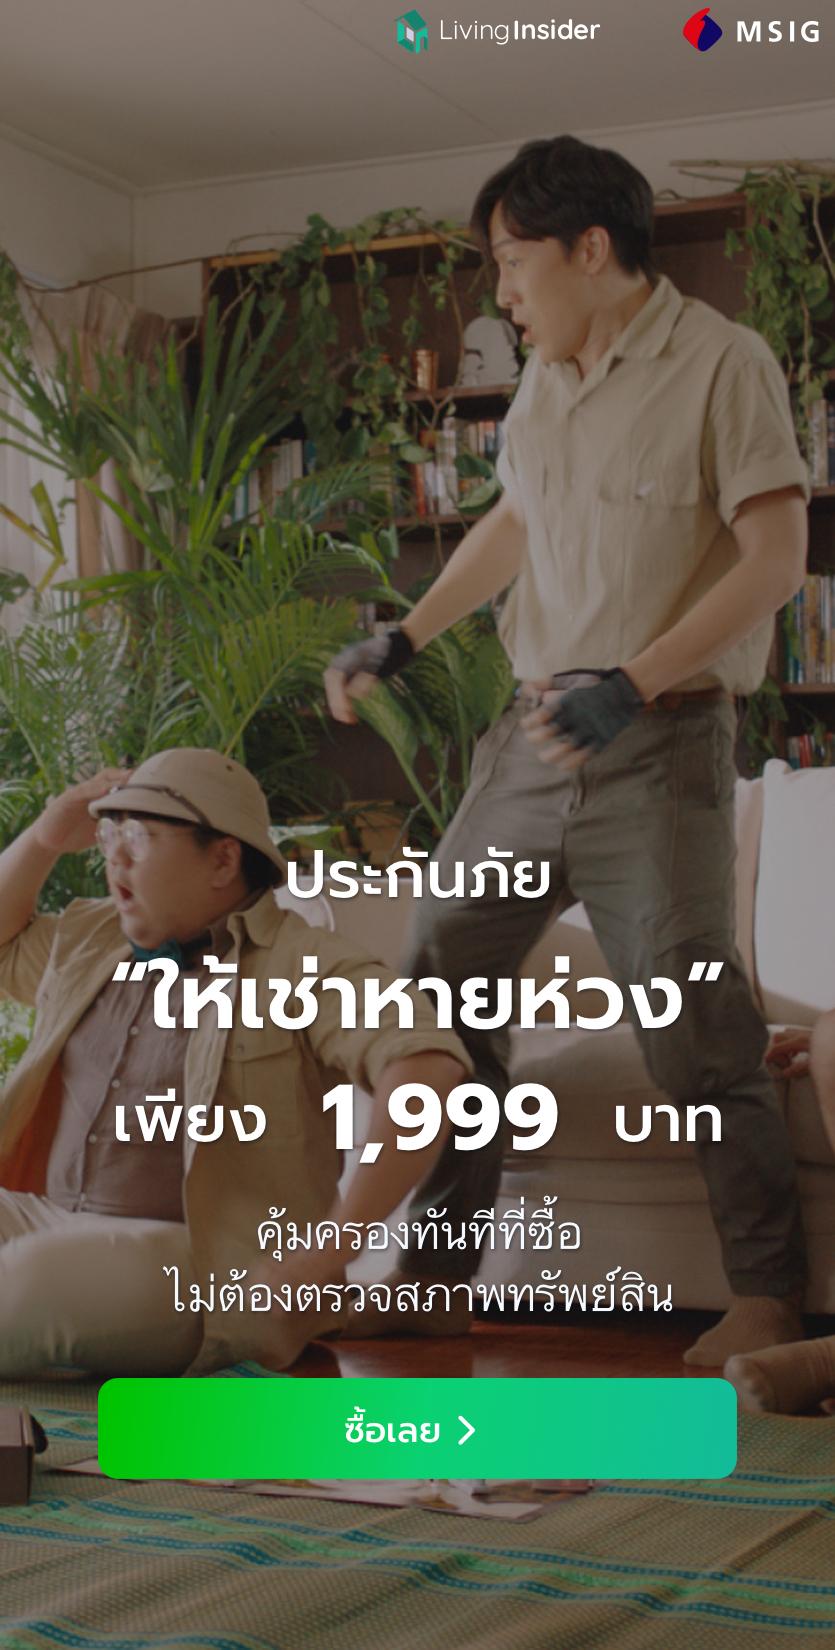 ประกันภัย ให้เช่าหายห่วง เพียง 1,999 บาท/ปี